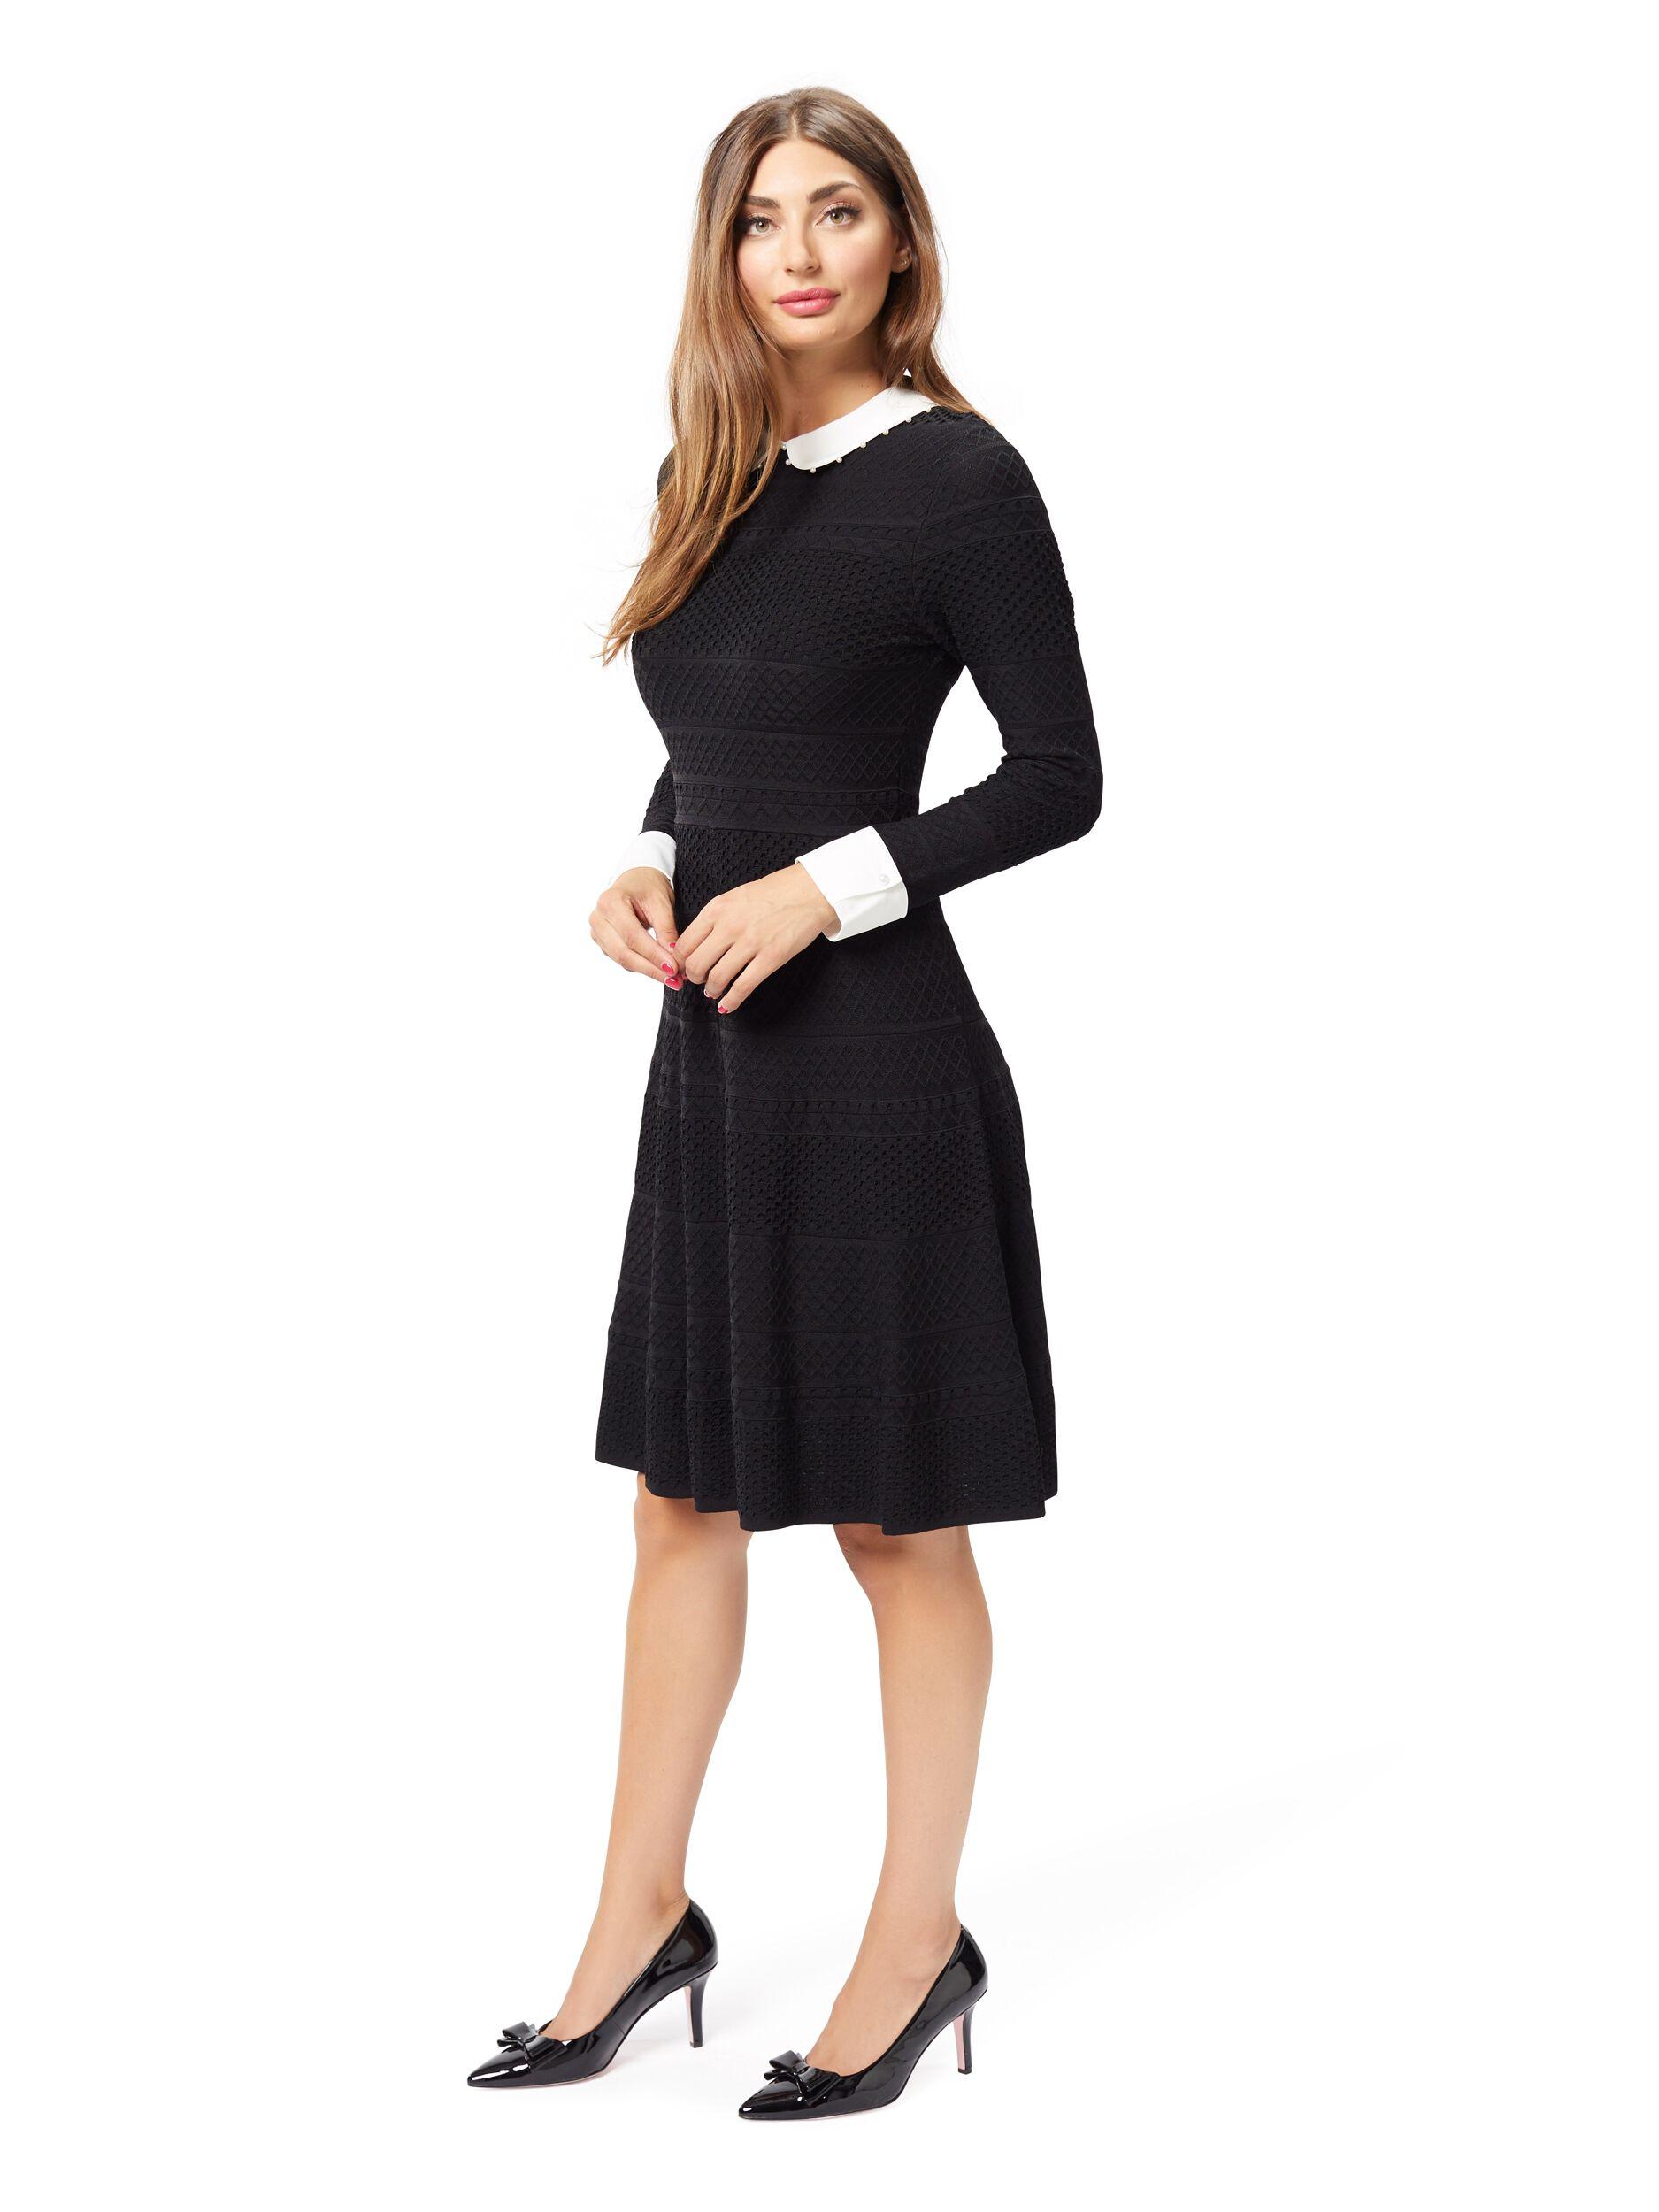 Lady Lulu Knit Dress